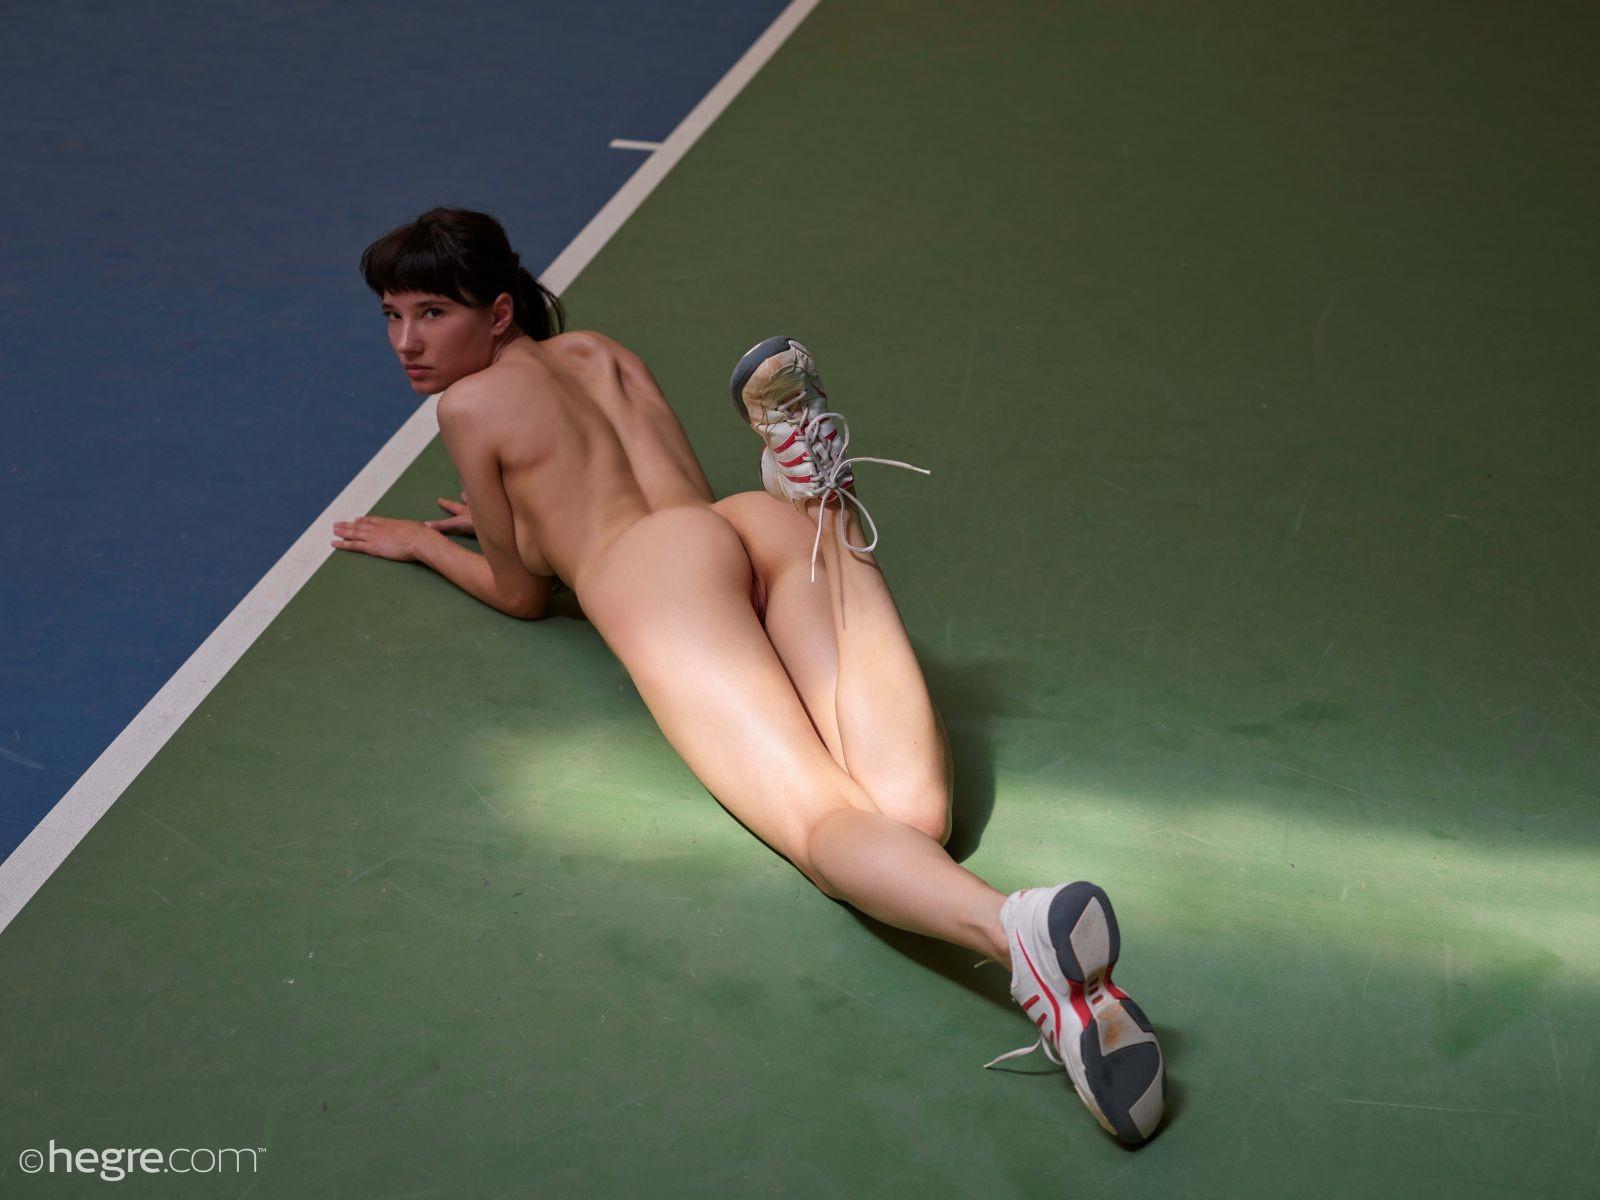 Голая спортсменка в кроссовках лежит на полу - фото